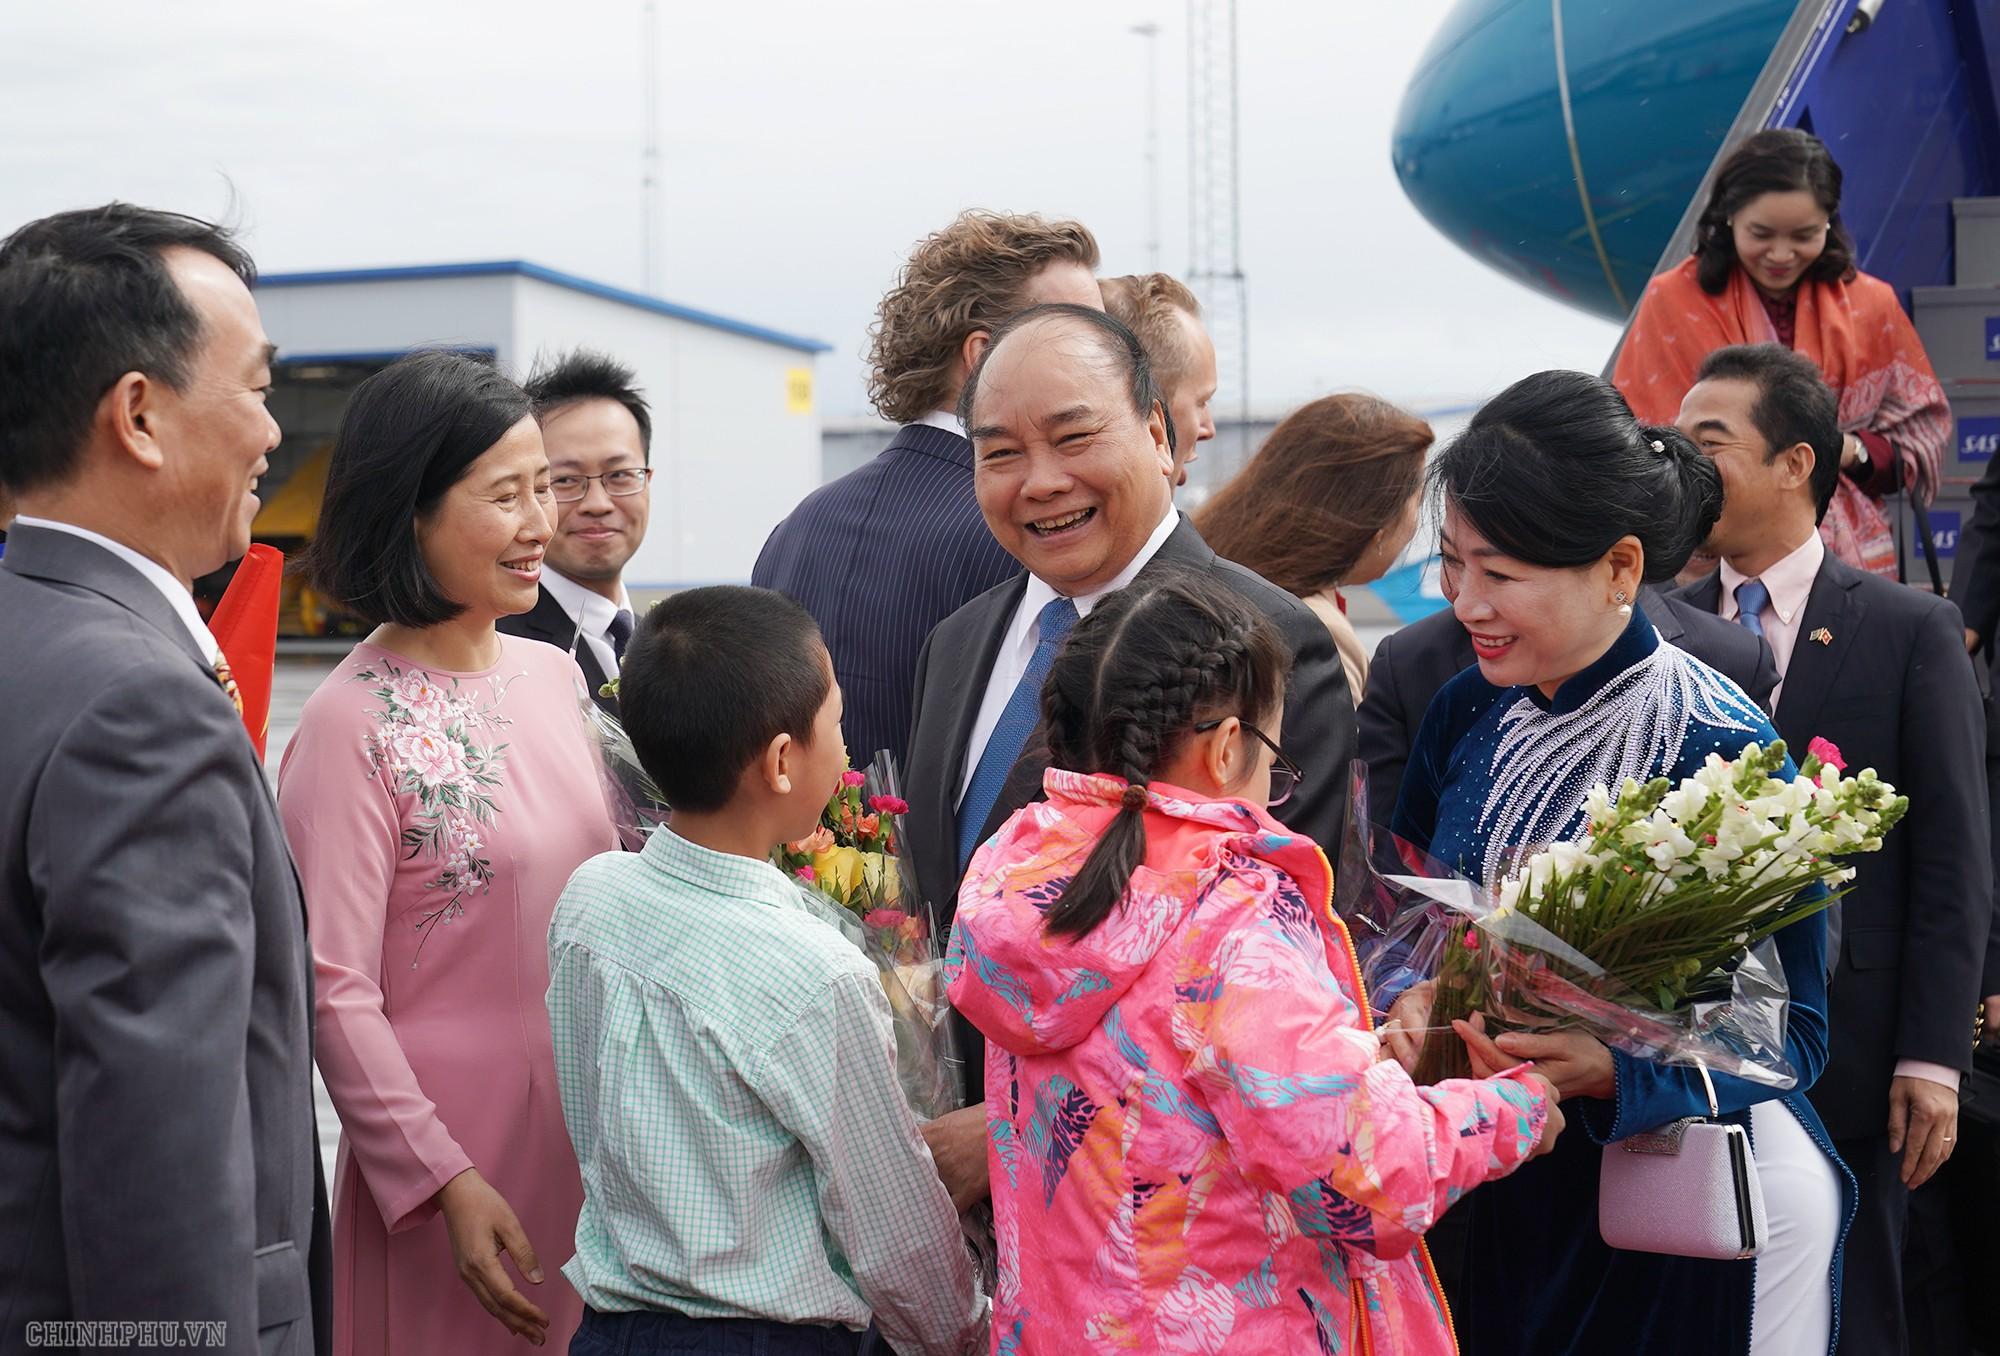 Thủ tướng đến Stockholm, bắt đầu thăm chính thức Thụy Điển - Ảnh 3.